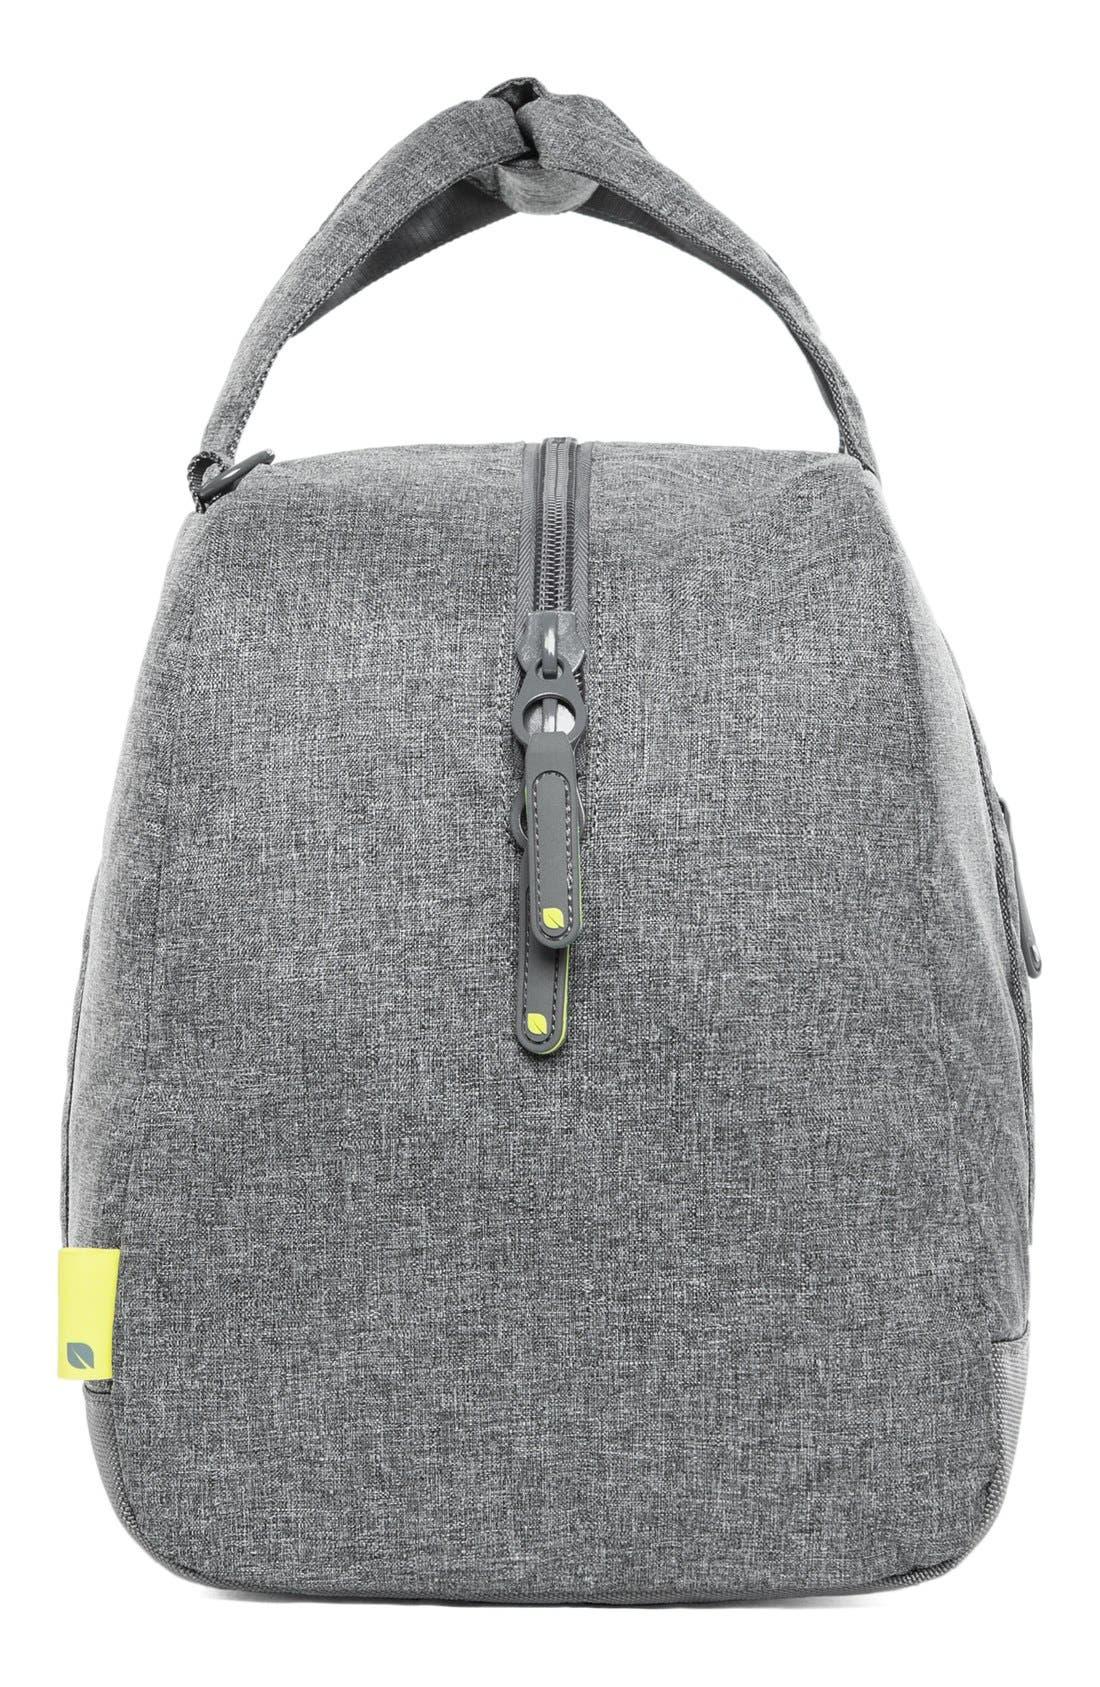 EO Duffel Bag,                             Alternate thumbnail 10, color,